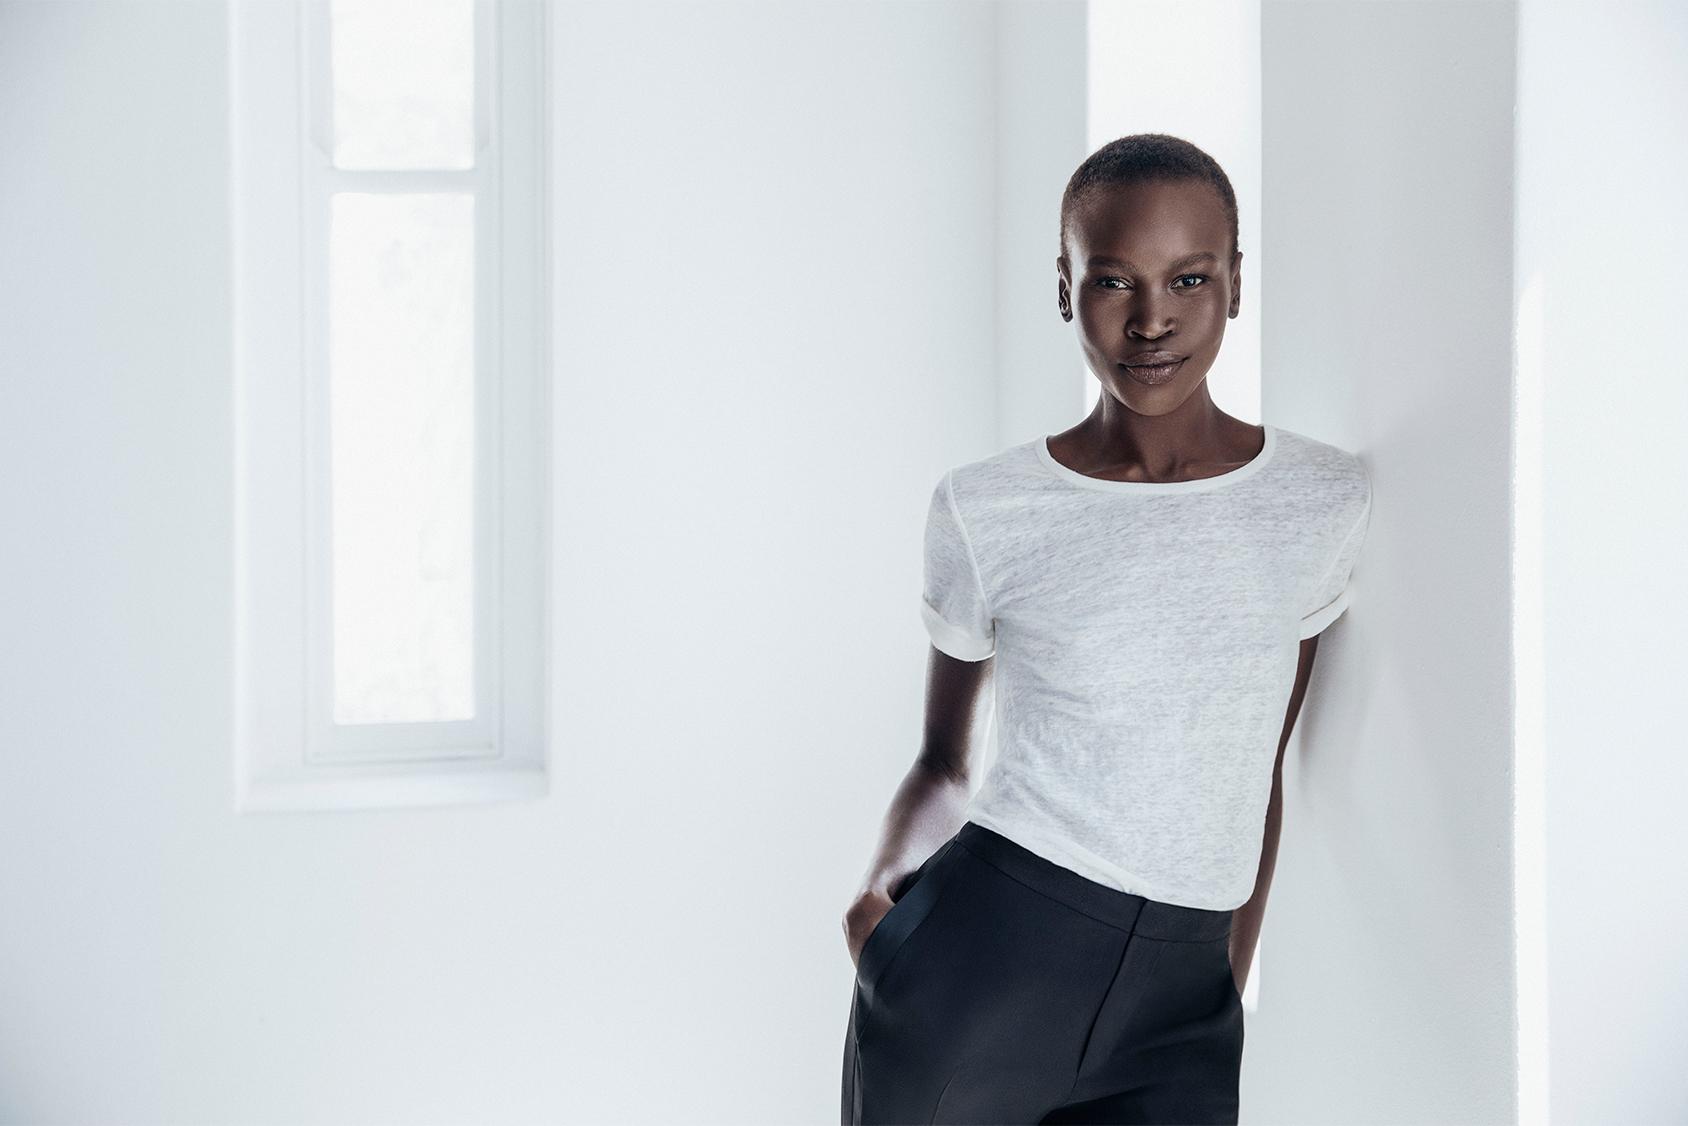 """モデル、作家、活動家のアレック・ウェックは、2014年以来 H&M Conscious Foundation のアンバサダーを務めています。彼女は自分のキャリアについてこう語っています。「安全でいられる場所を求めて何千マイルも歩いたあげく、""""これだ""""と思ったわ。 ファッションこそ私にとってのチャンスで、女性一人一人の美しさを表すものよ。」"""